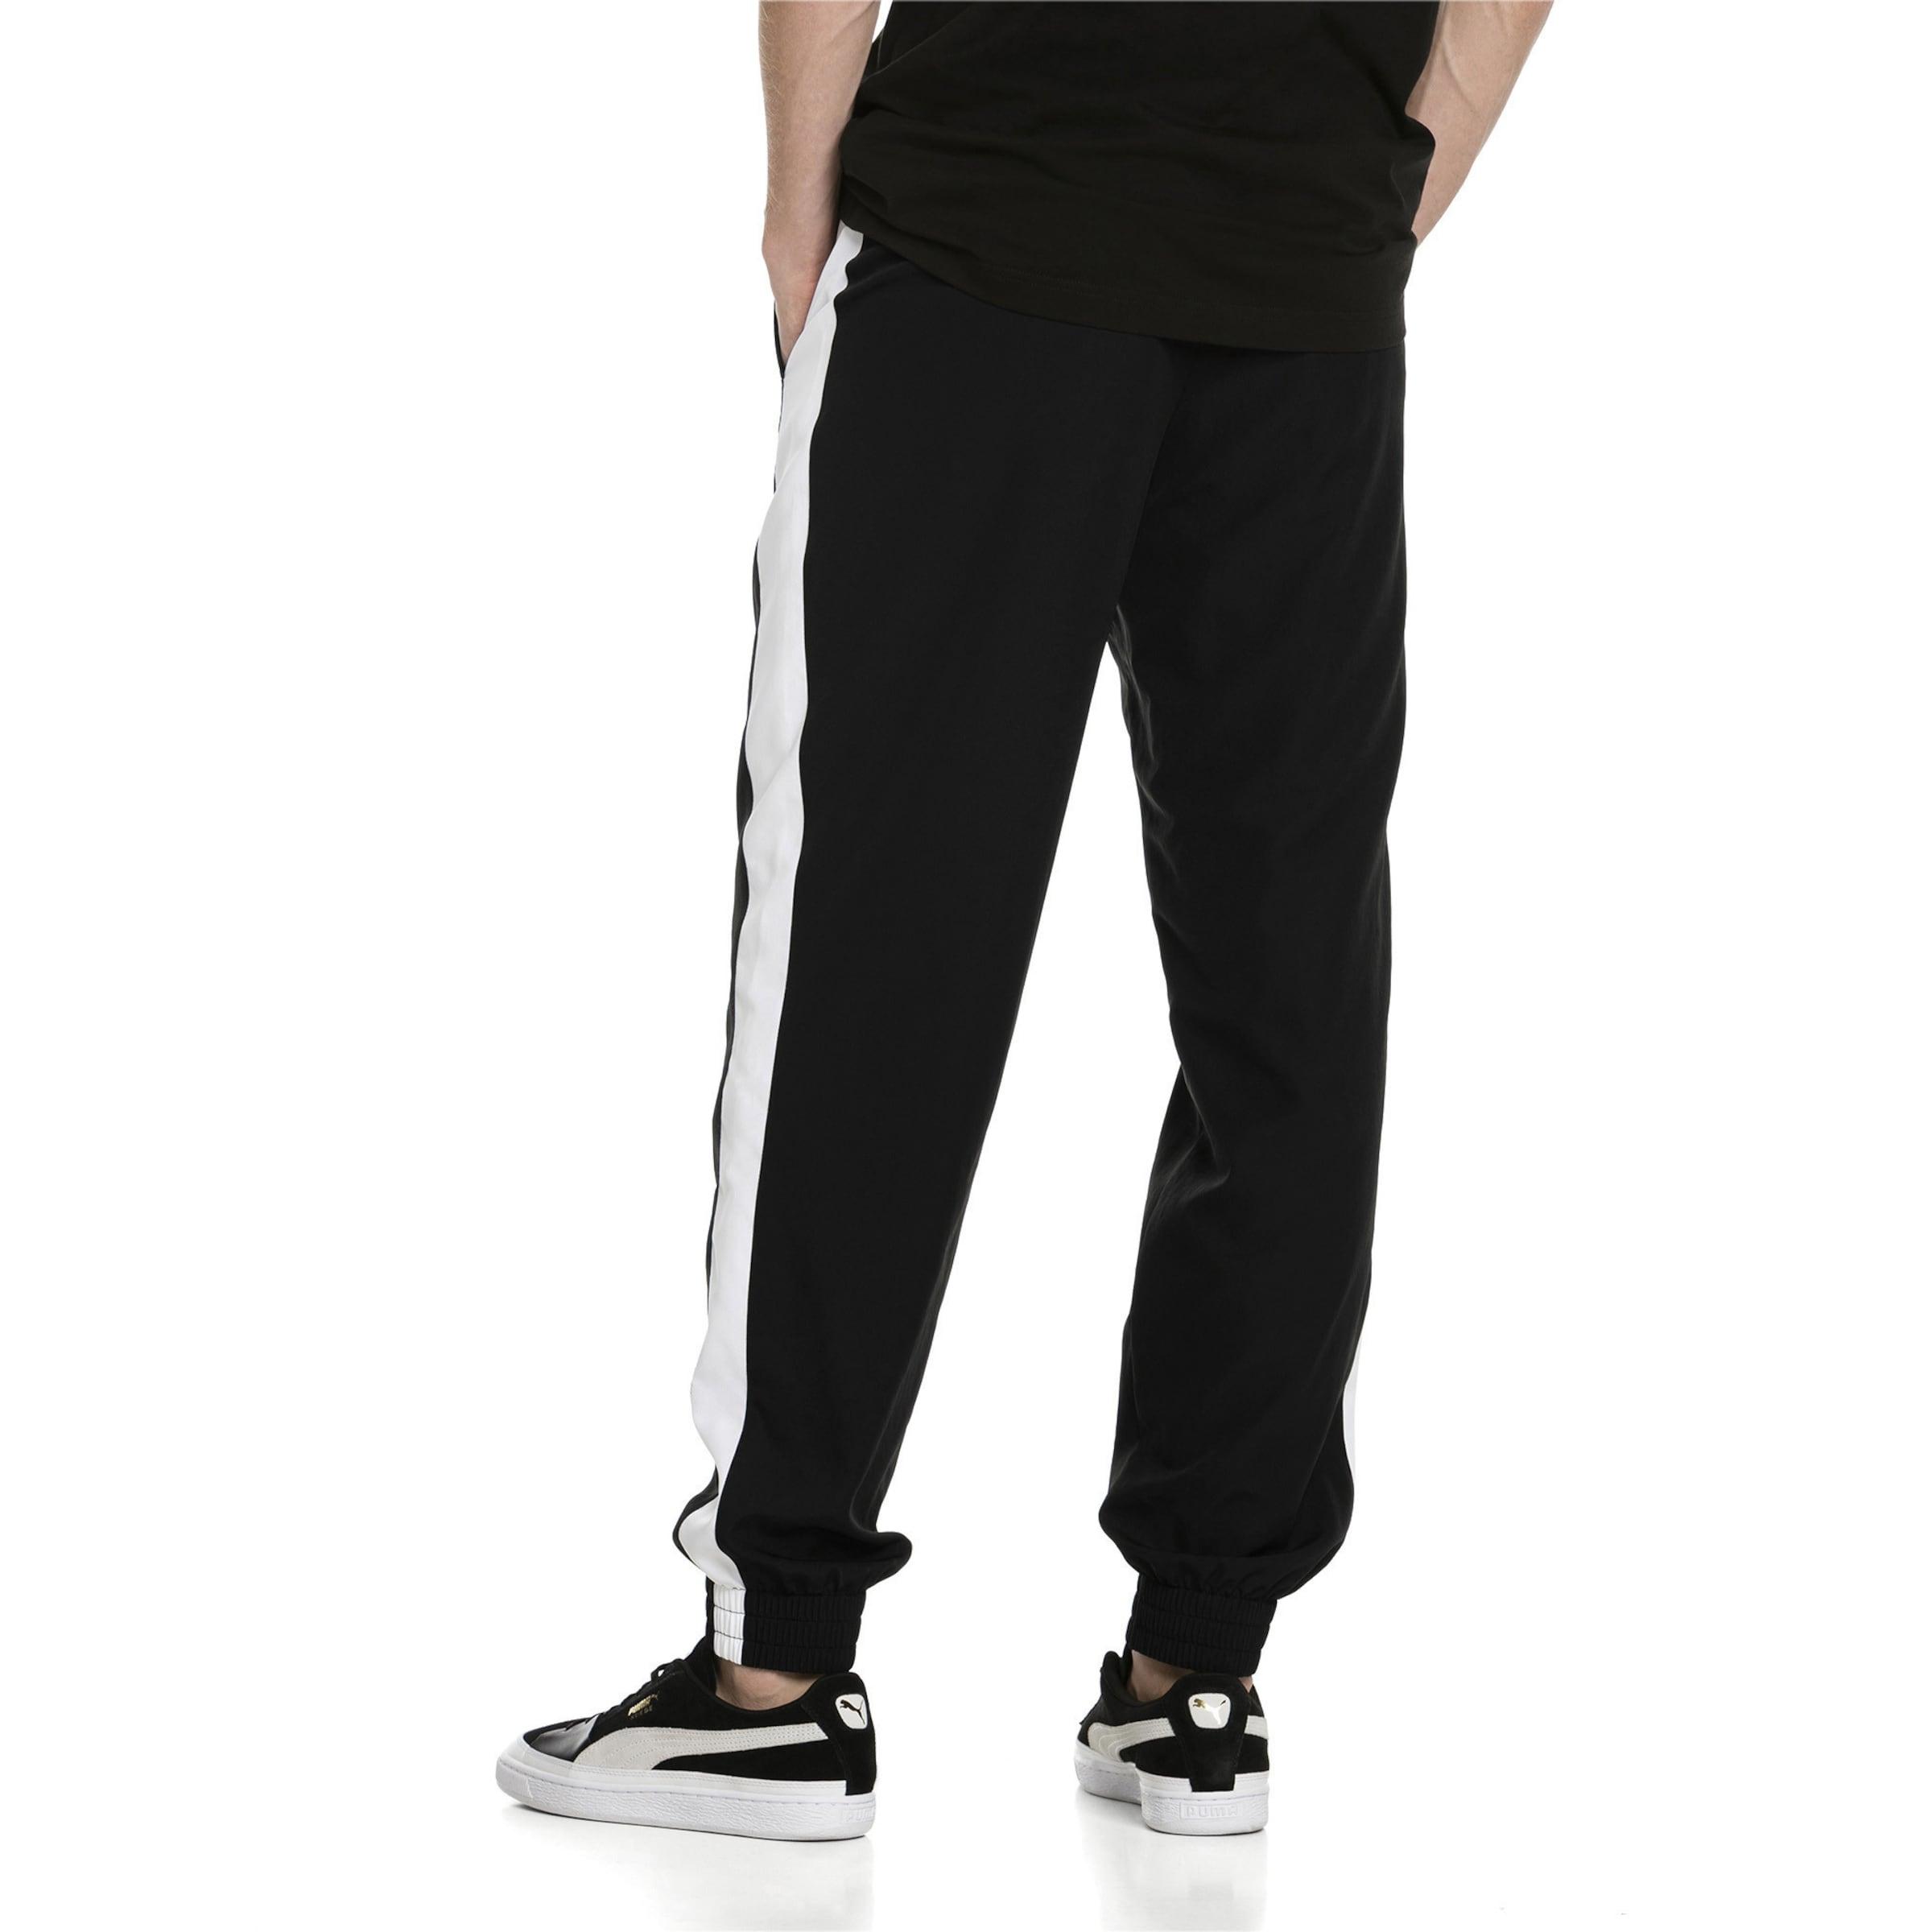 PUMA Hosen 'Iconic T7' in schwarz schwarz schwarz   weiß  Großer Rabatt a2a0f1